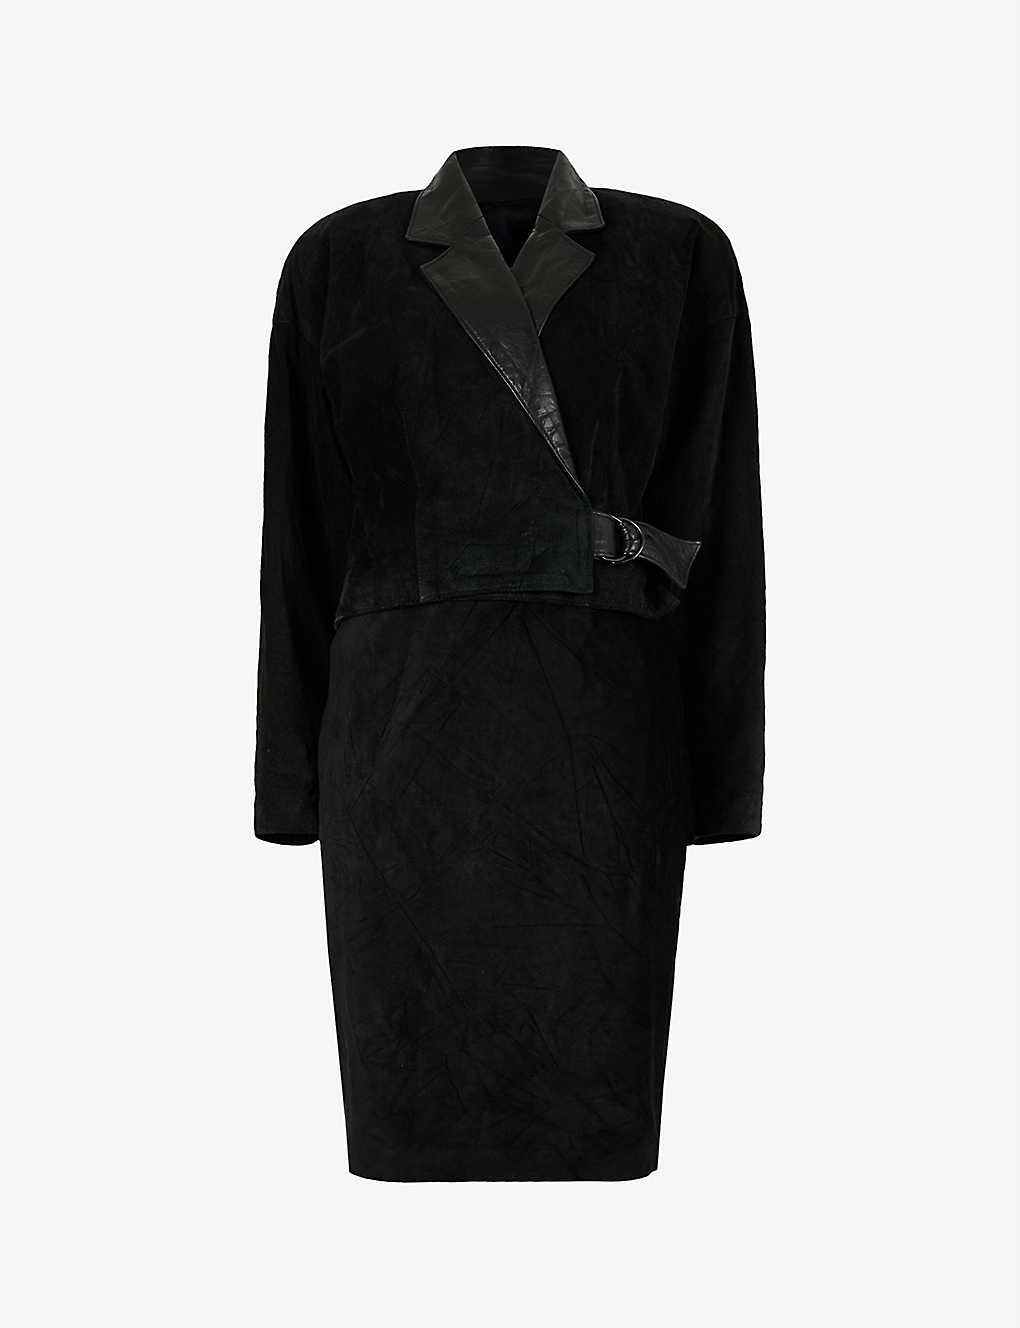 Pre-Loved DANIER suede skirt suit